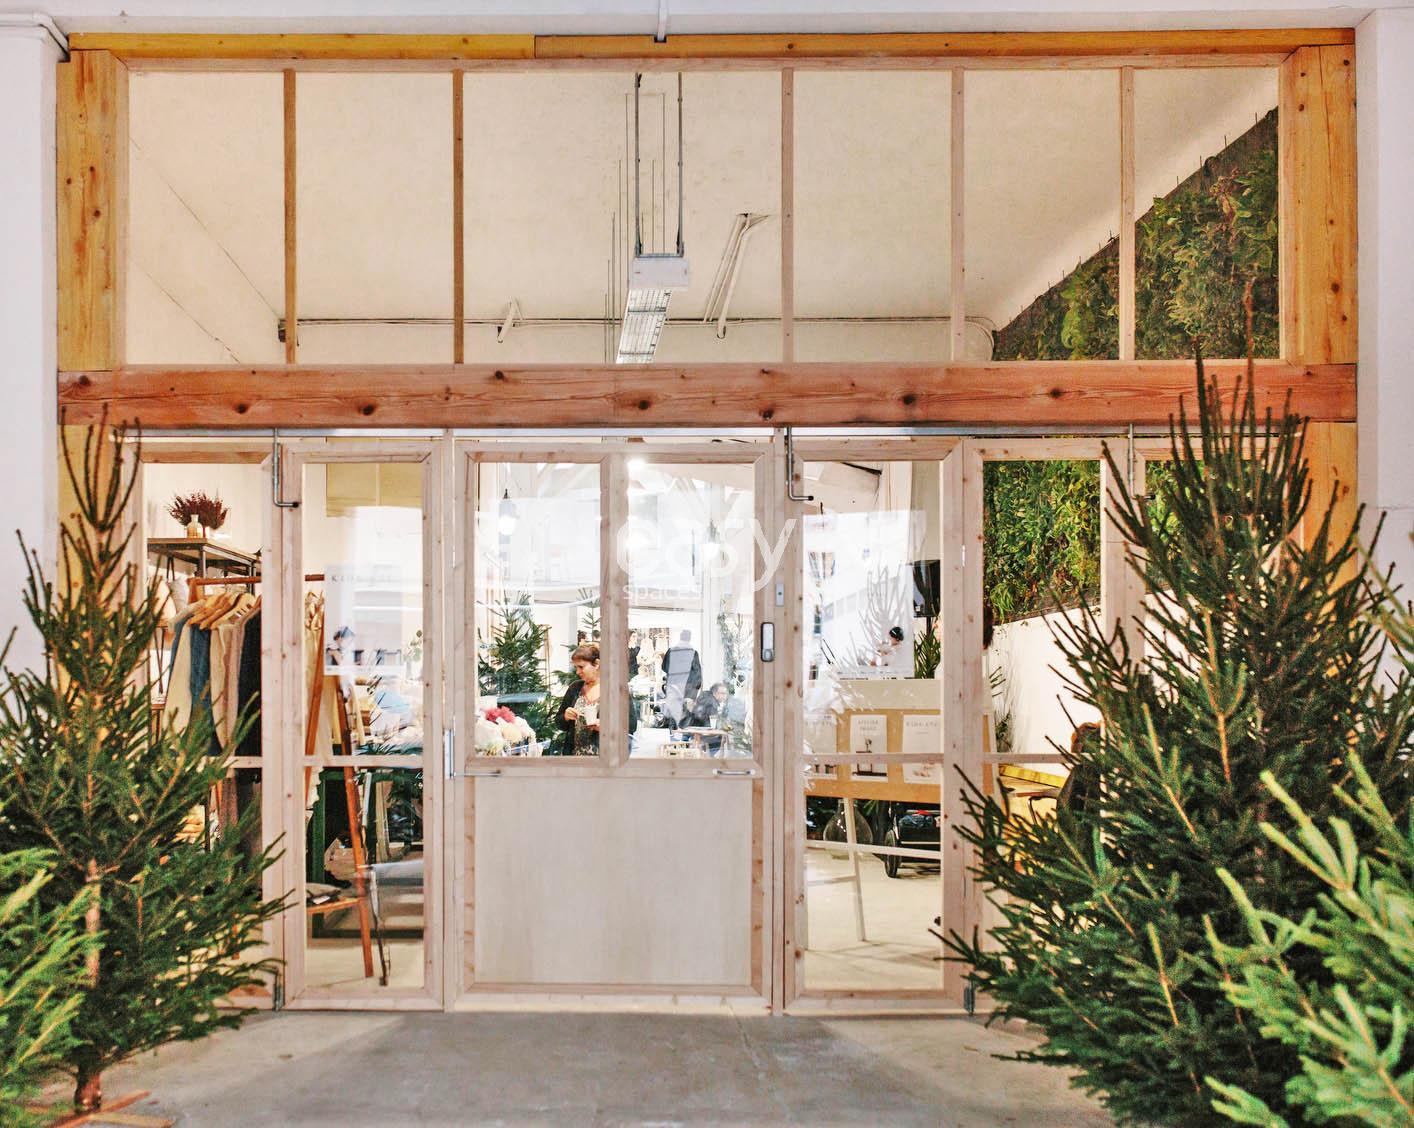 espace atypique pour v nement photo tournage aix en pce lieux lieu louer pour tournage dans. Black Bedroom Furniture Sets. Home Design Ideas